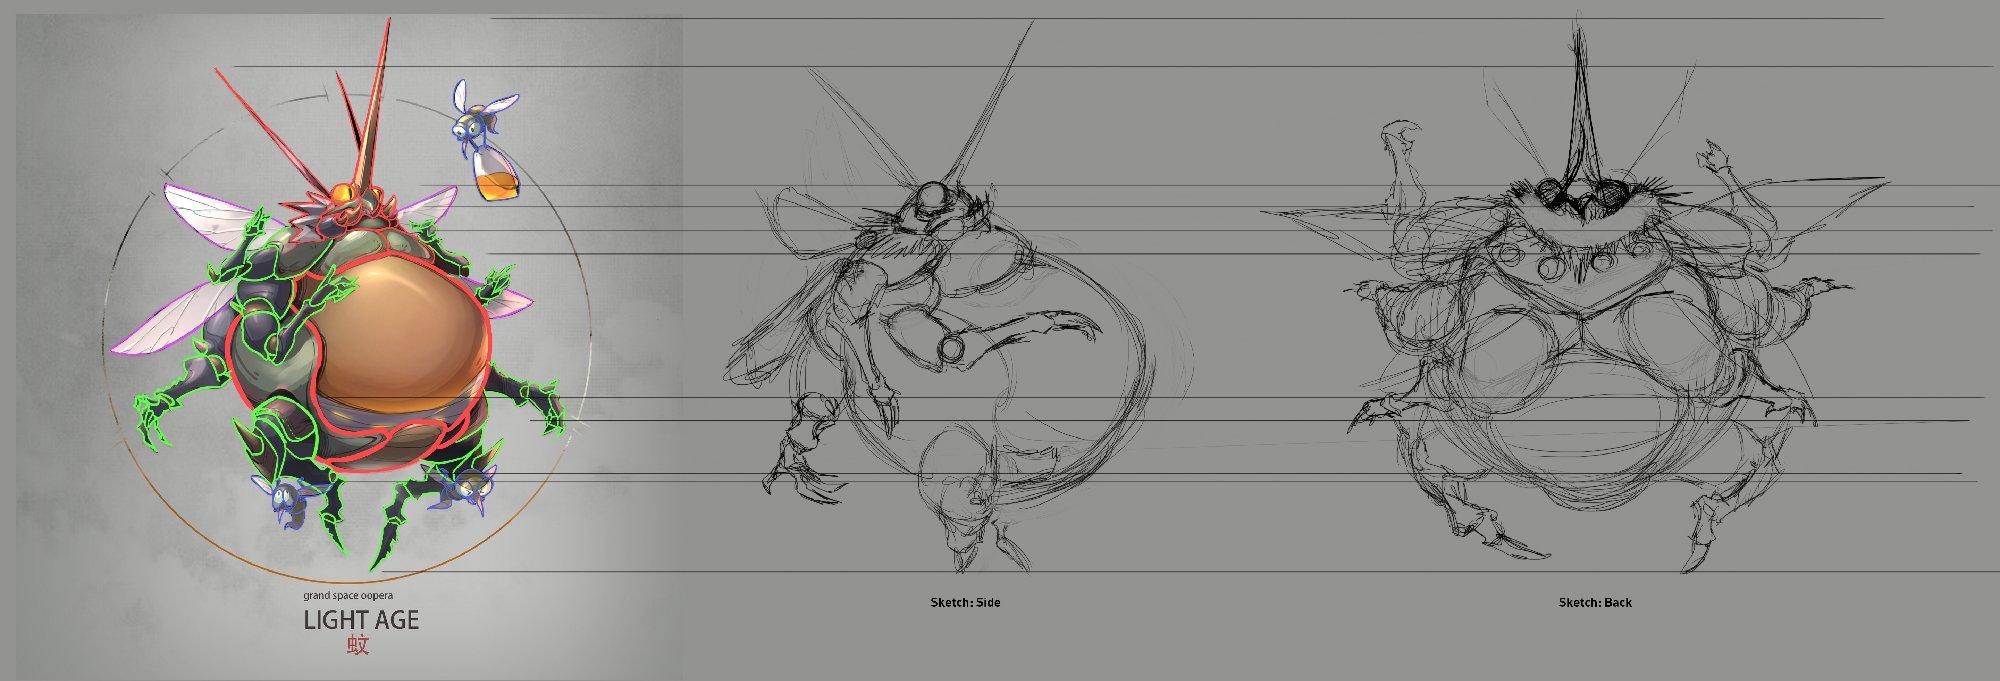 big buggus concept sketch image